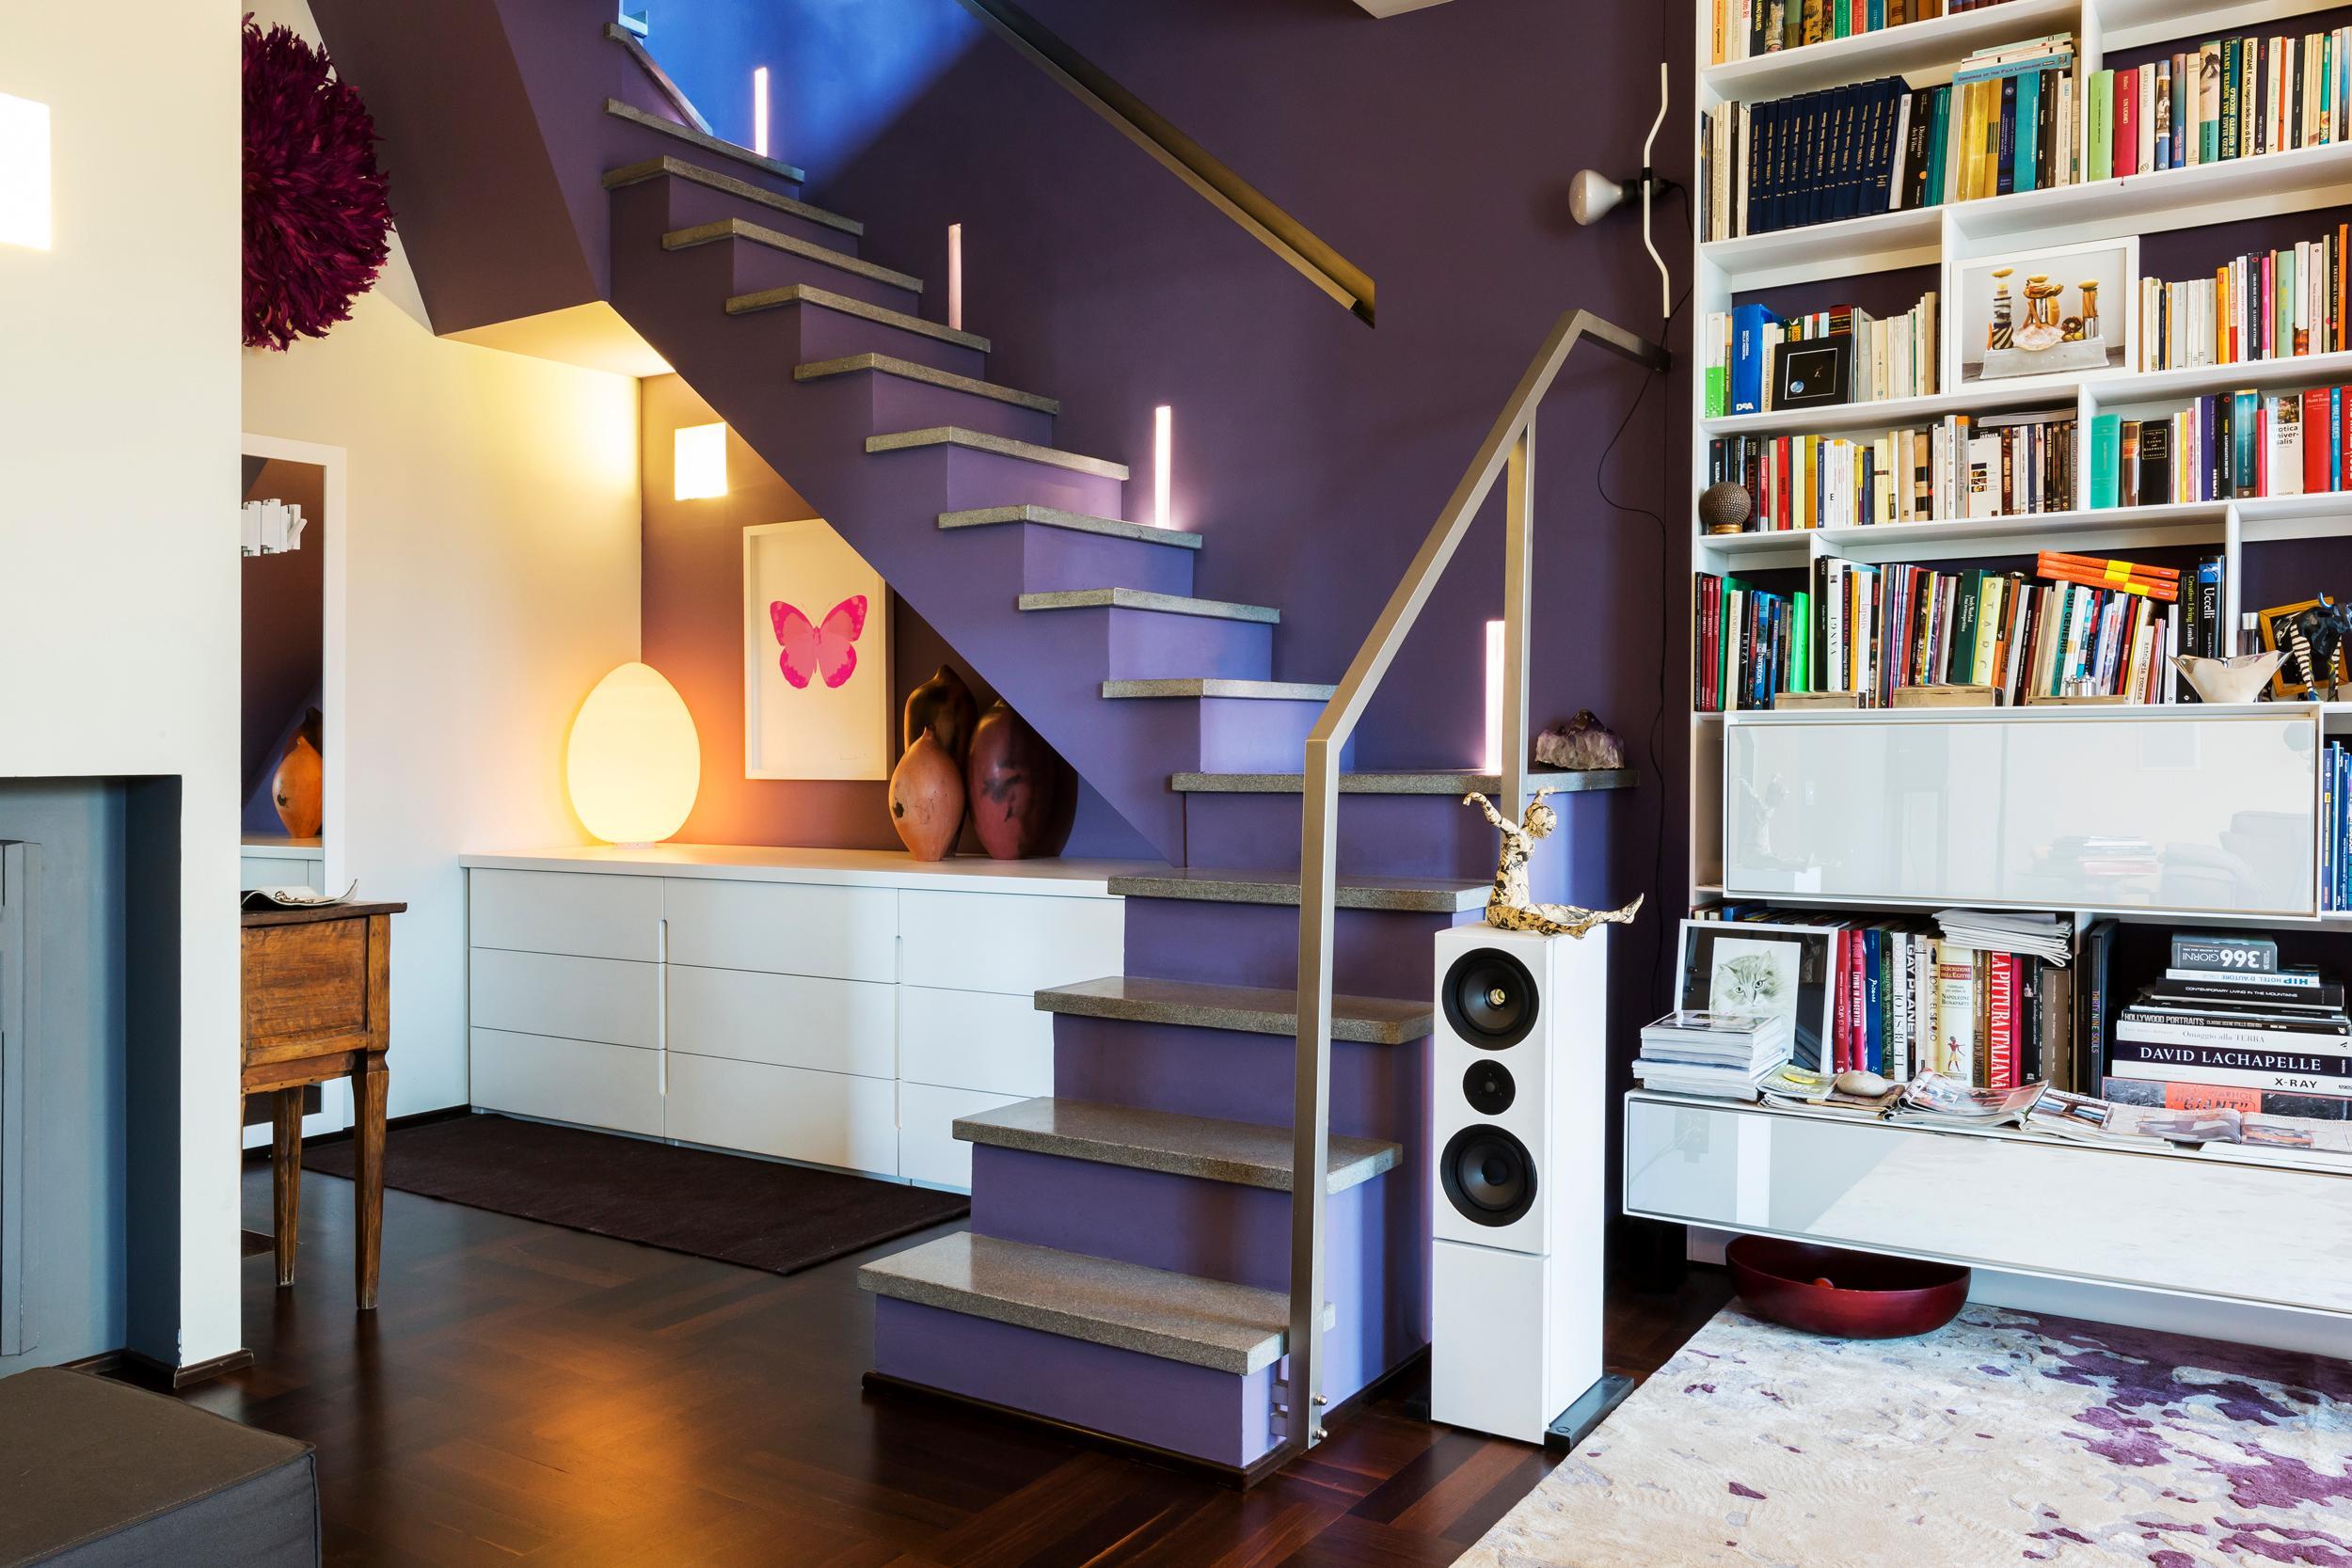 Andrea Castrignano, Cambio casa Cambio Vita, Casa, Milano, Design, Stile, Tv